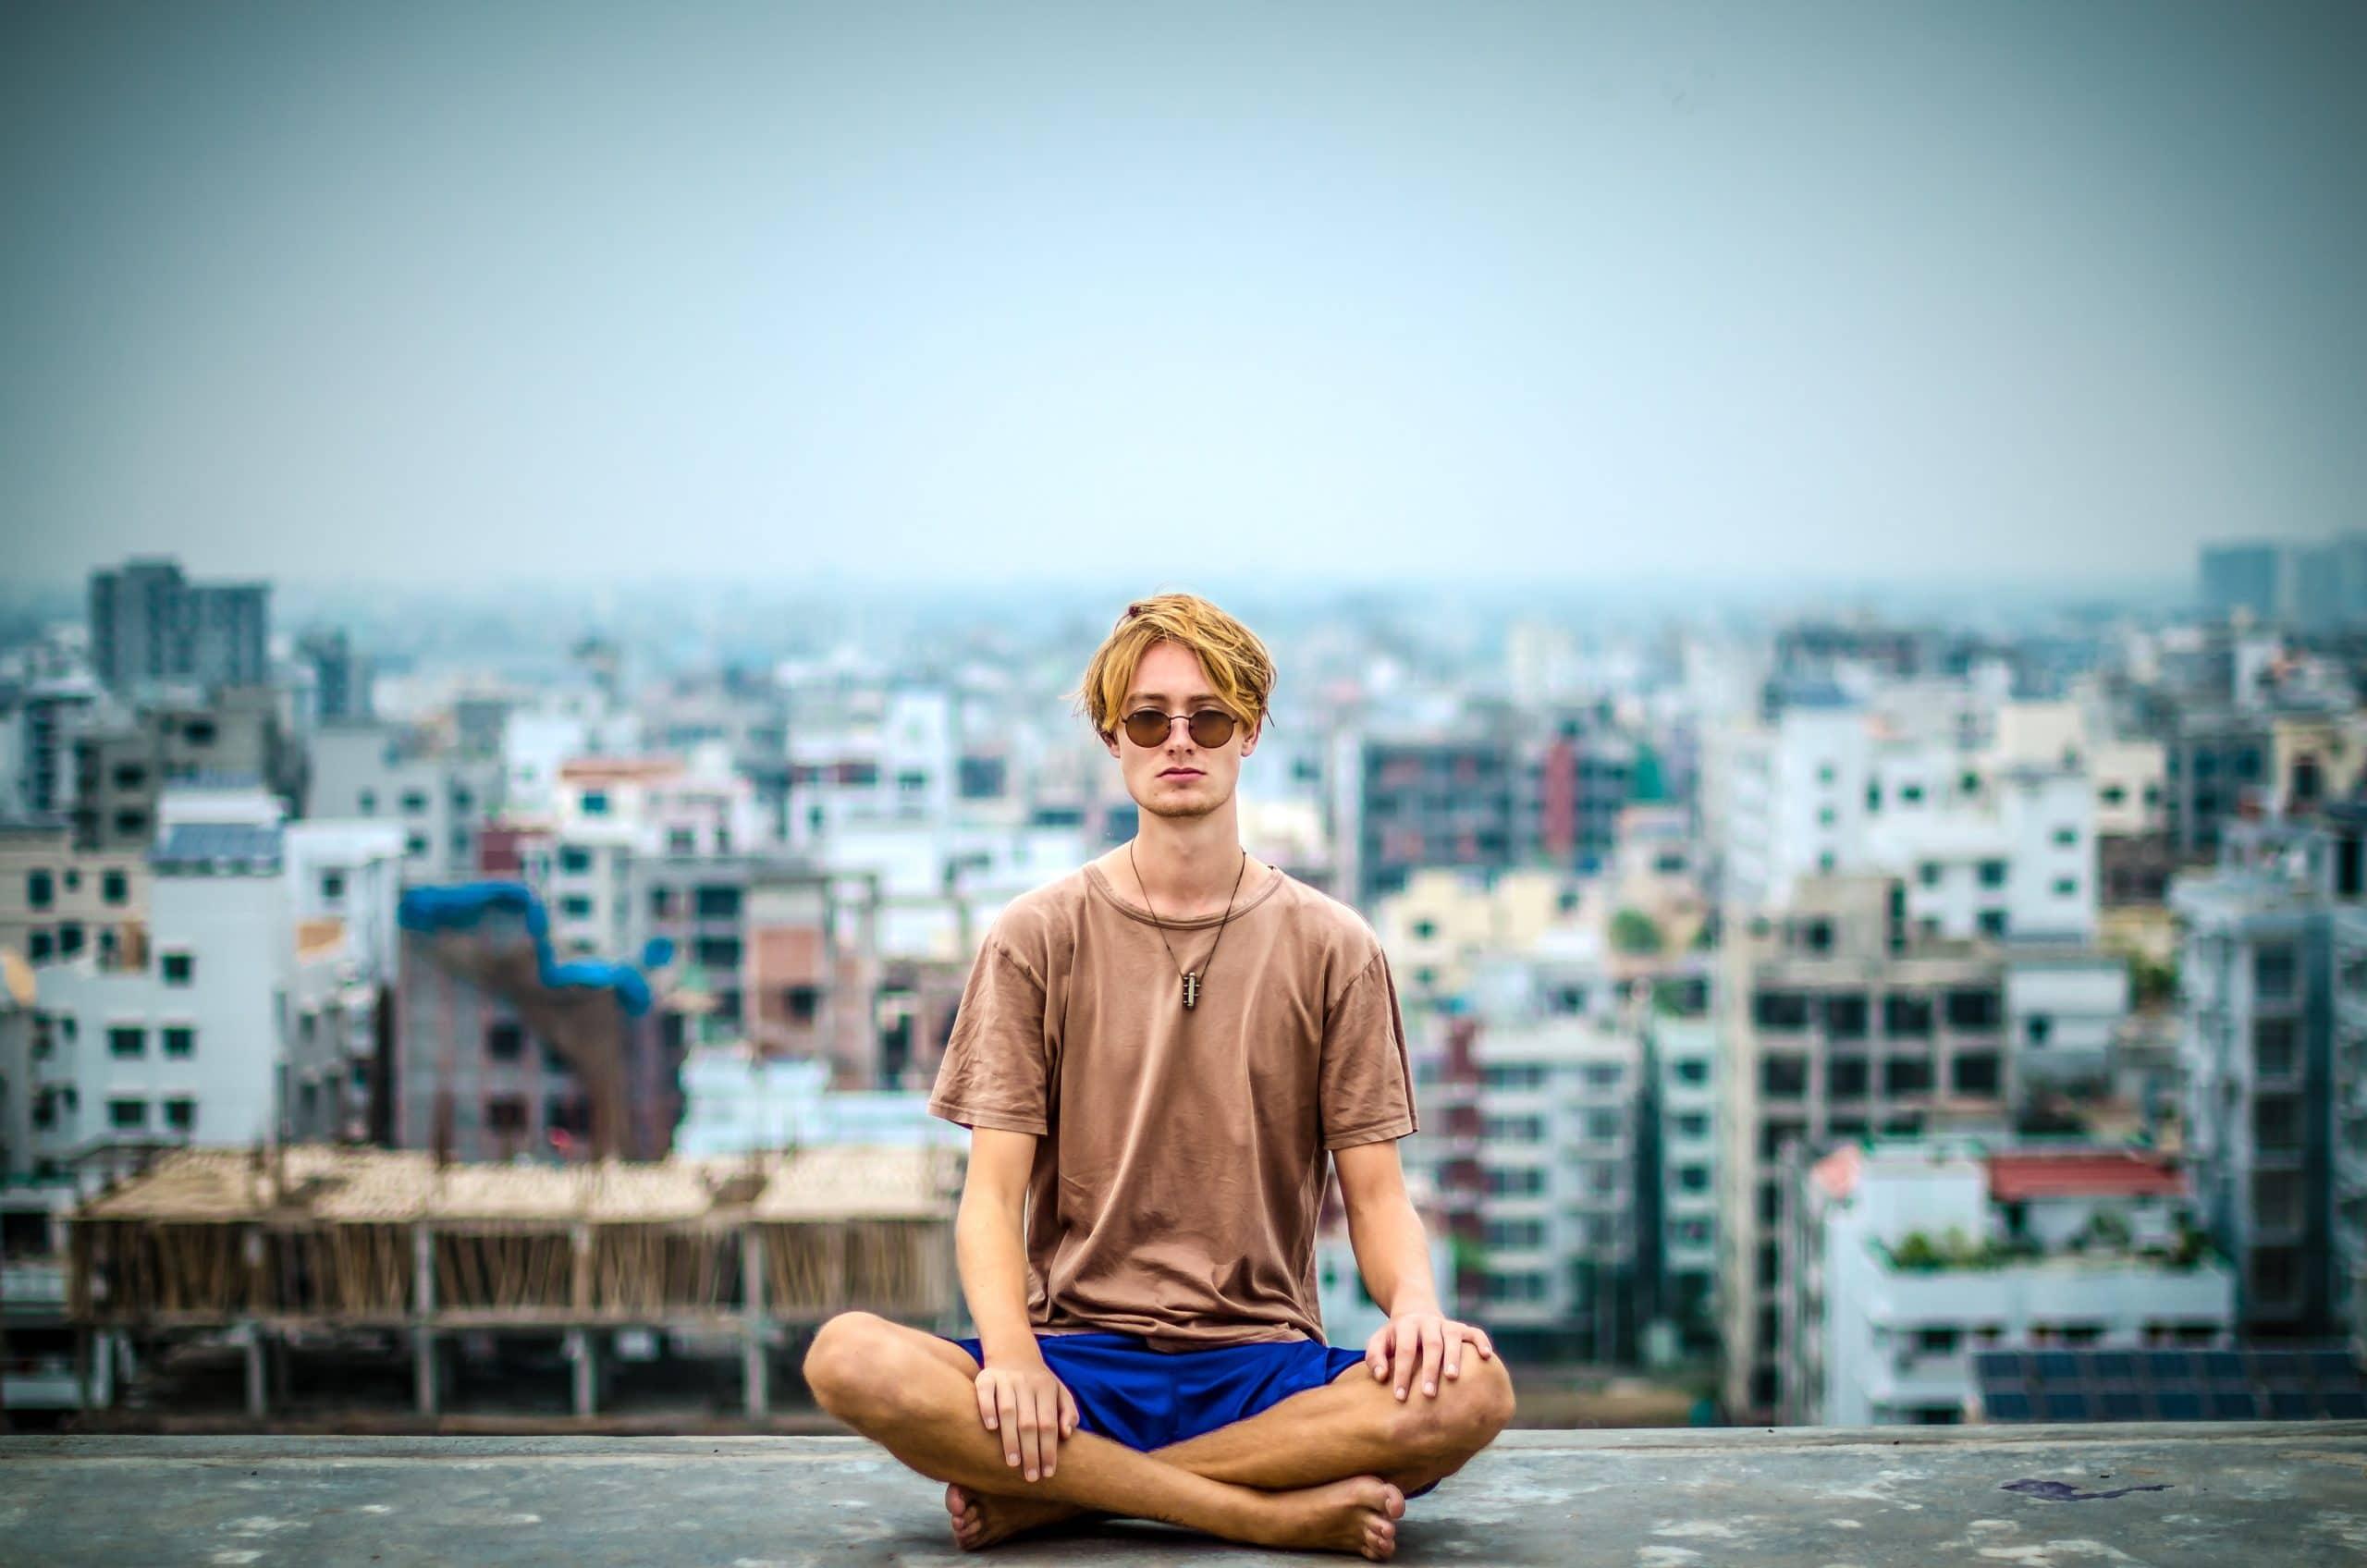 Homem sentado com cidade ao fundo